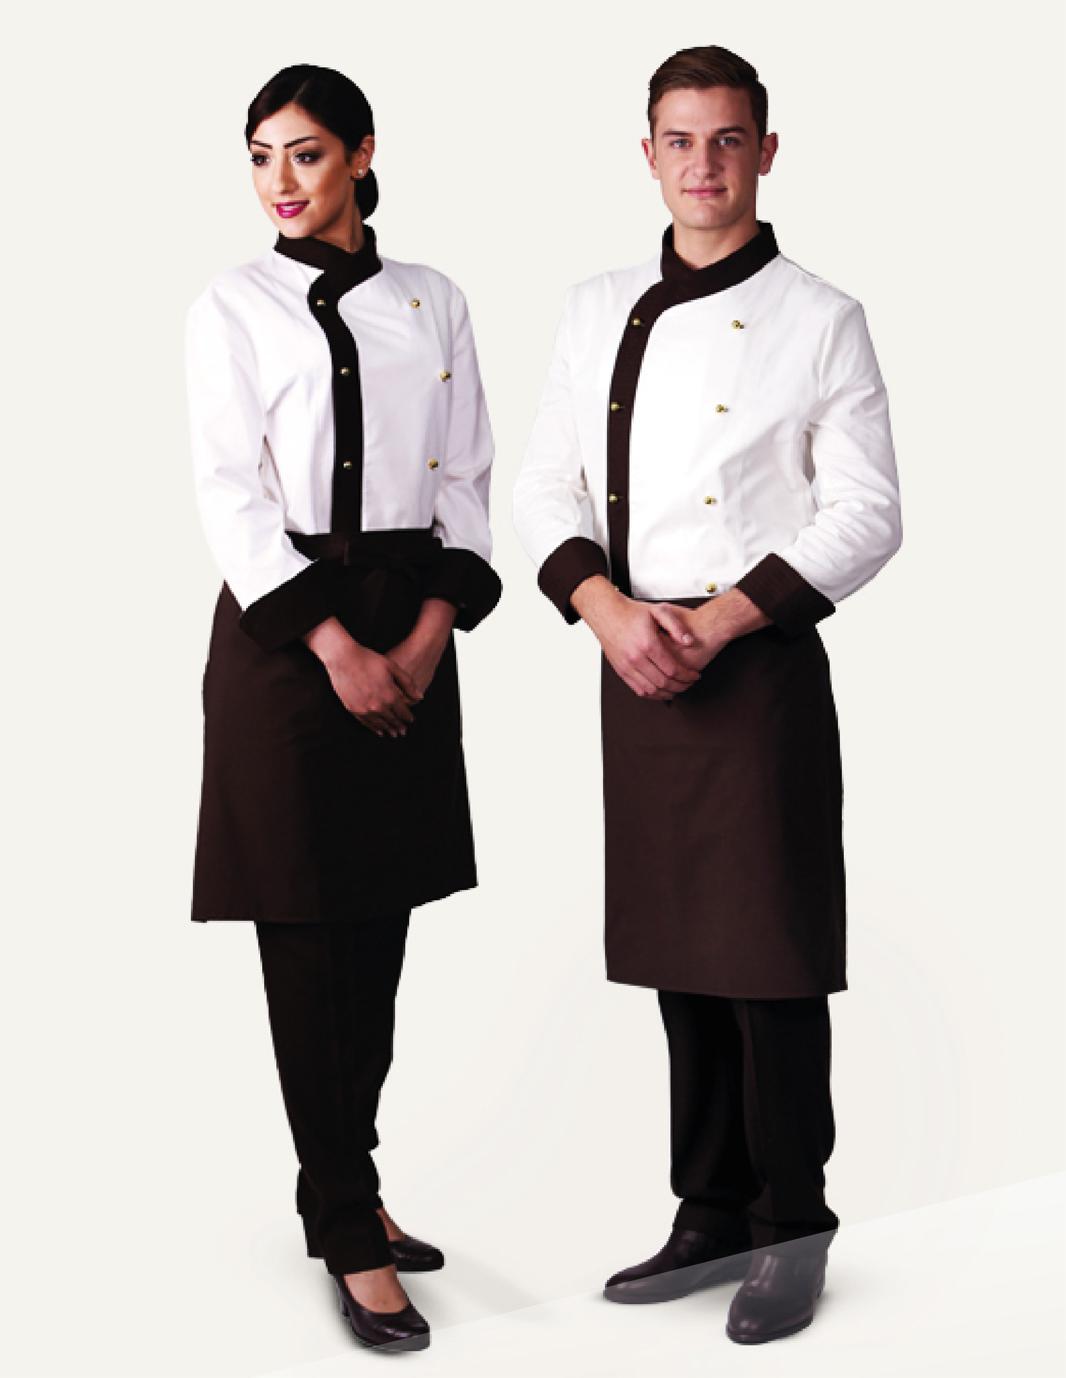 Ayudantes de cocina uniformes amarillo uno - Uniformes de cocina ...